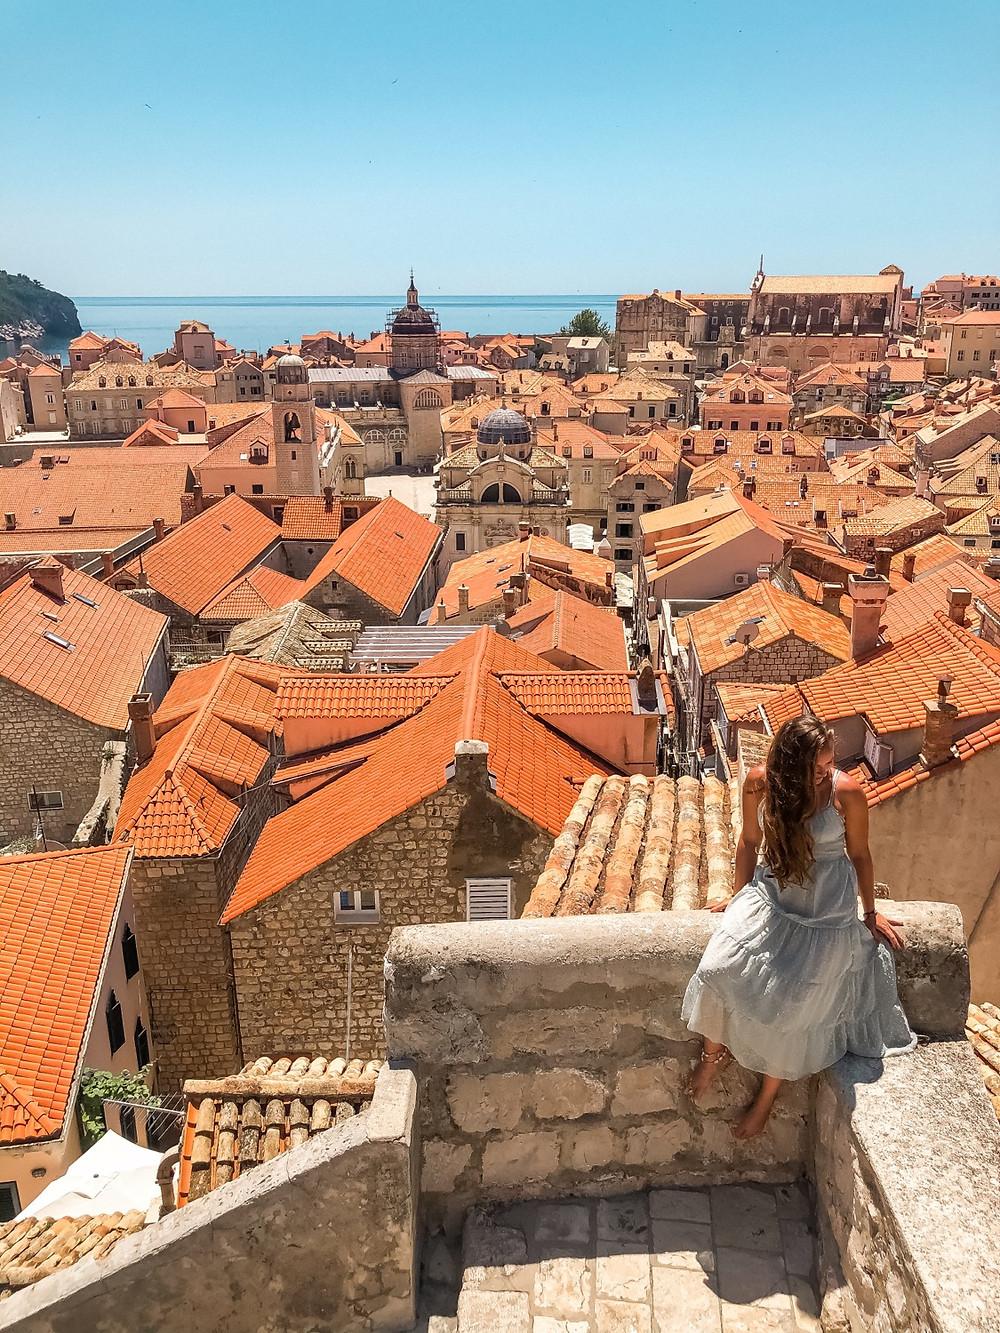 Dubrovnik-stadtmauern-city-walls-foto-reisebericht-einen-tag